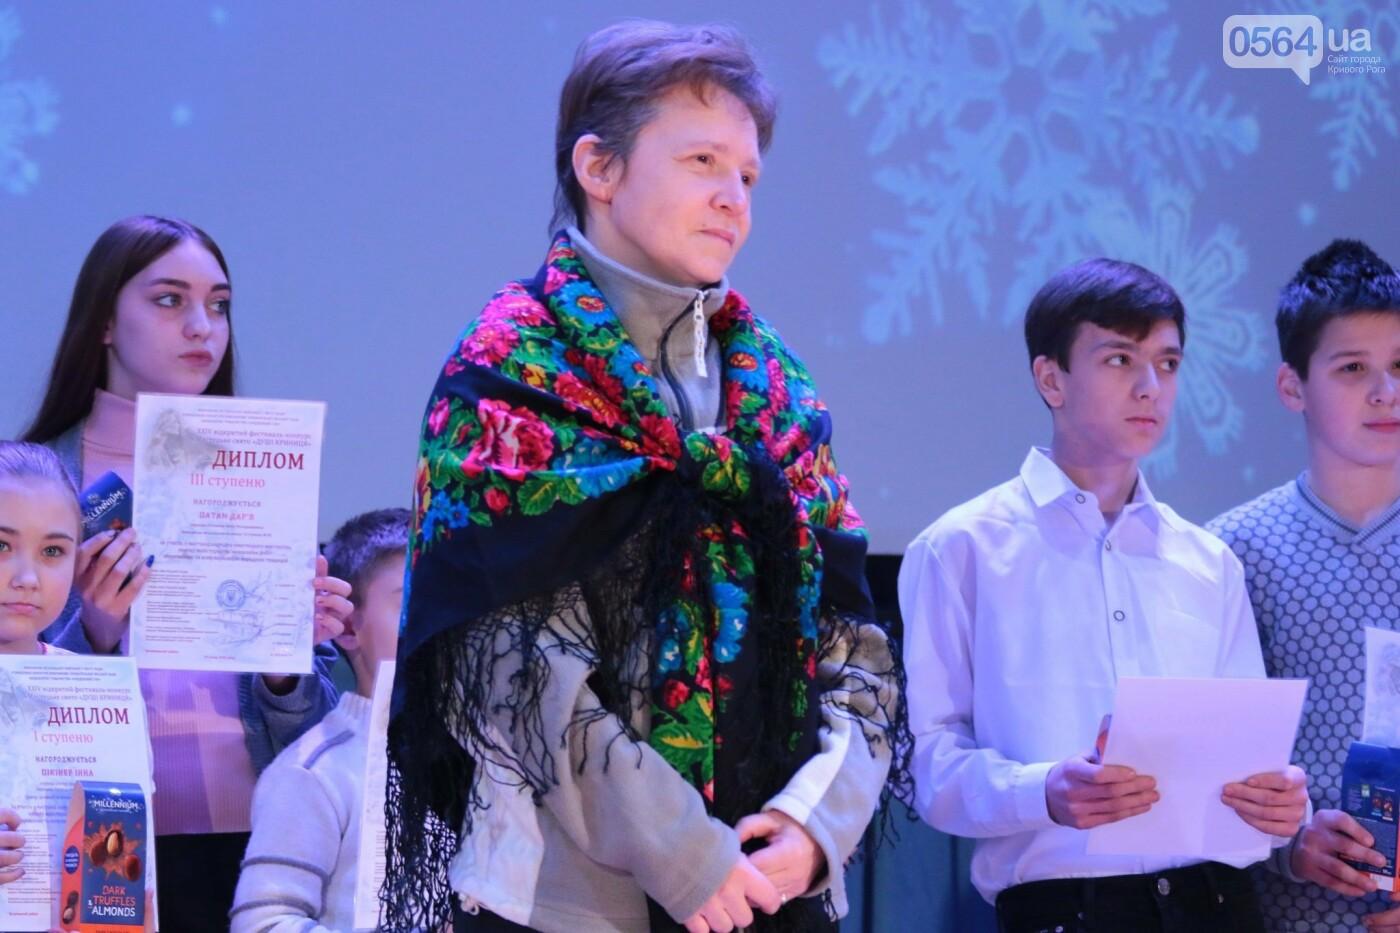 Криворожская рекордсменка получила Гран-при Всеукраинского фестиваля искусств, - ФОТО , фото-5